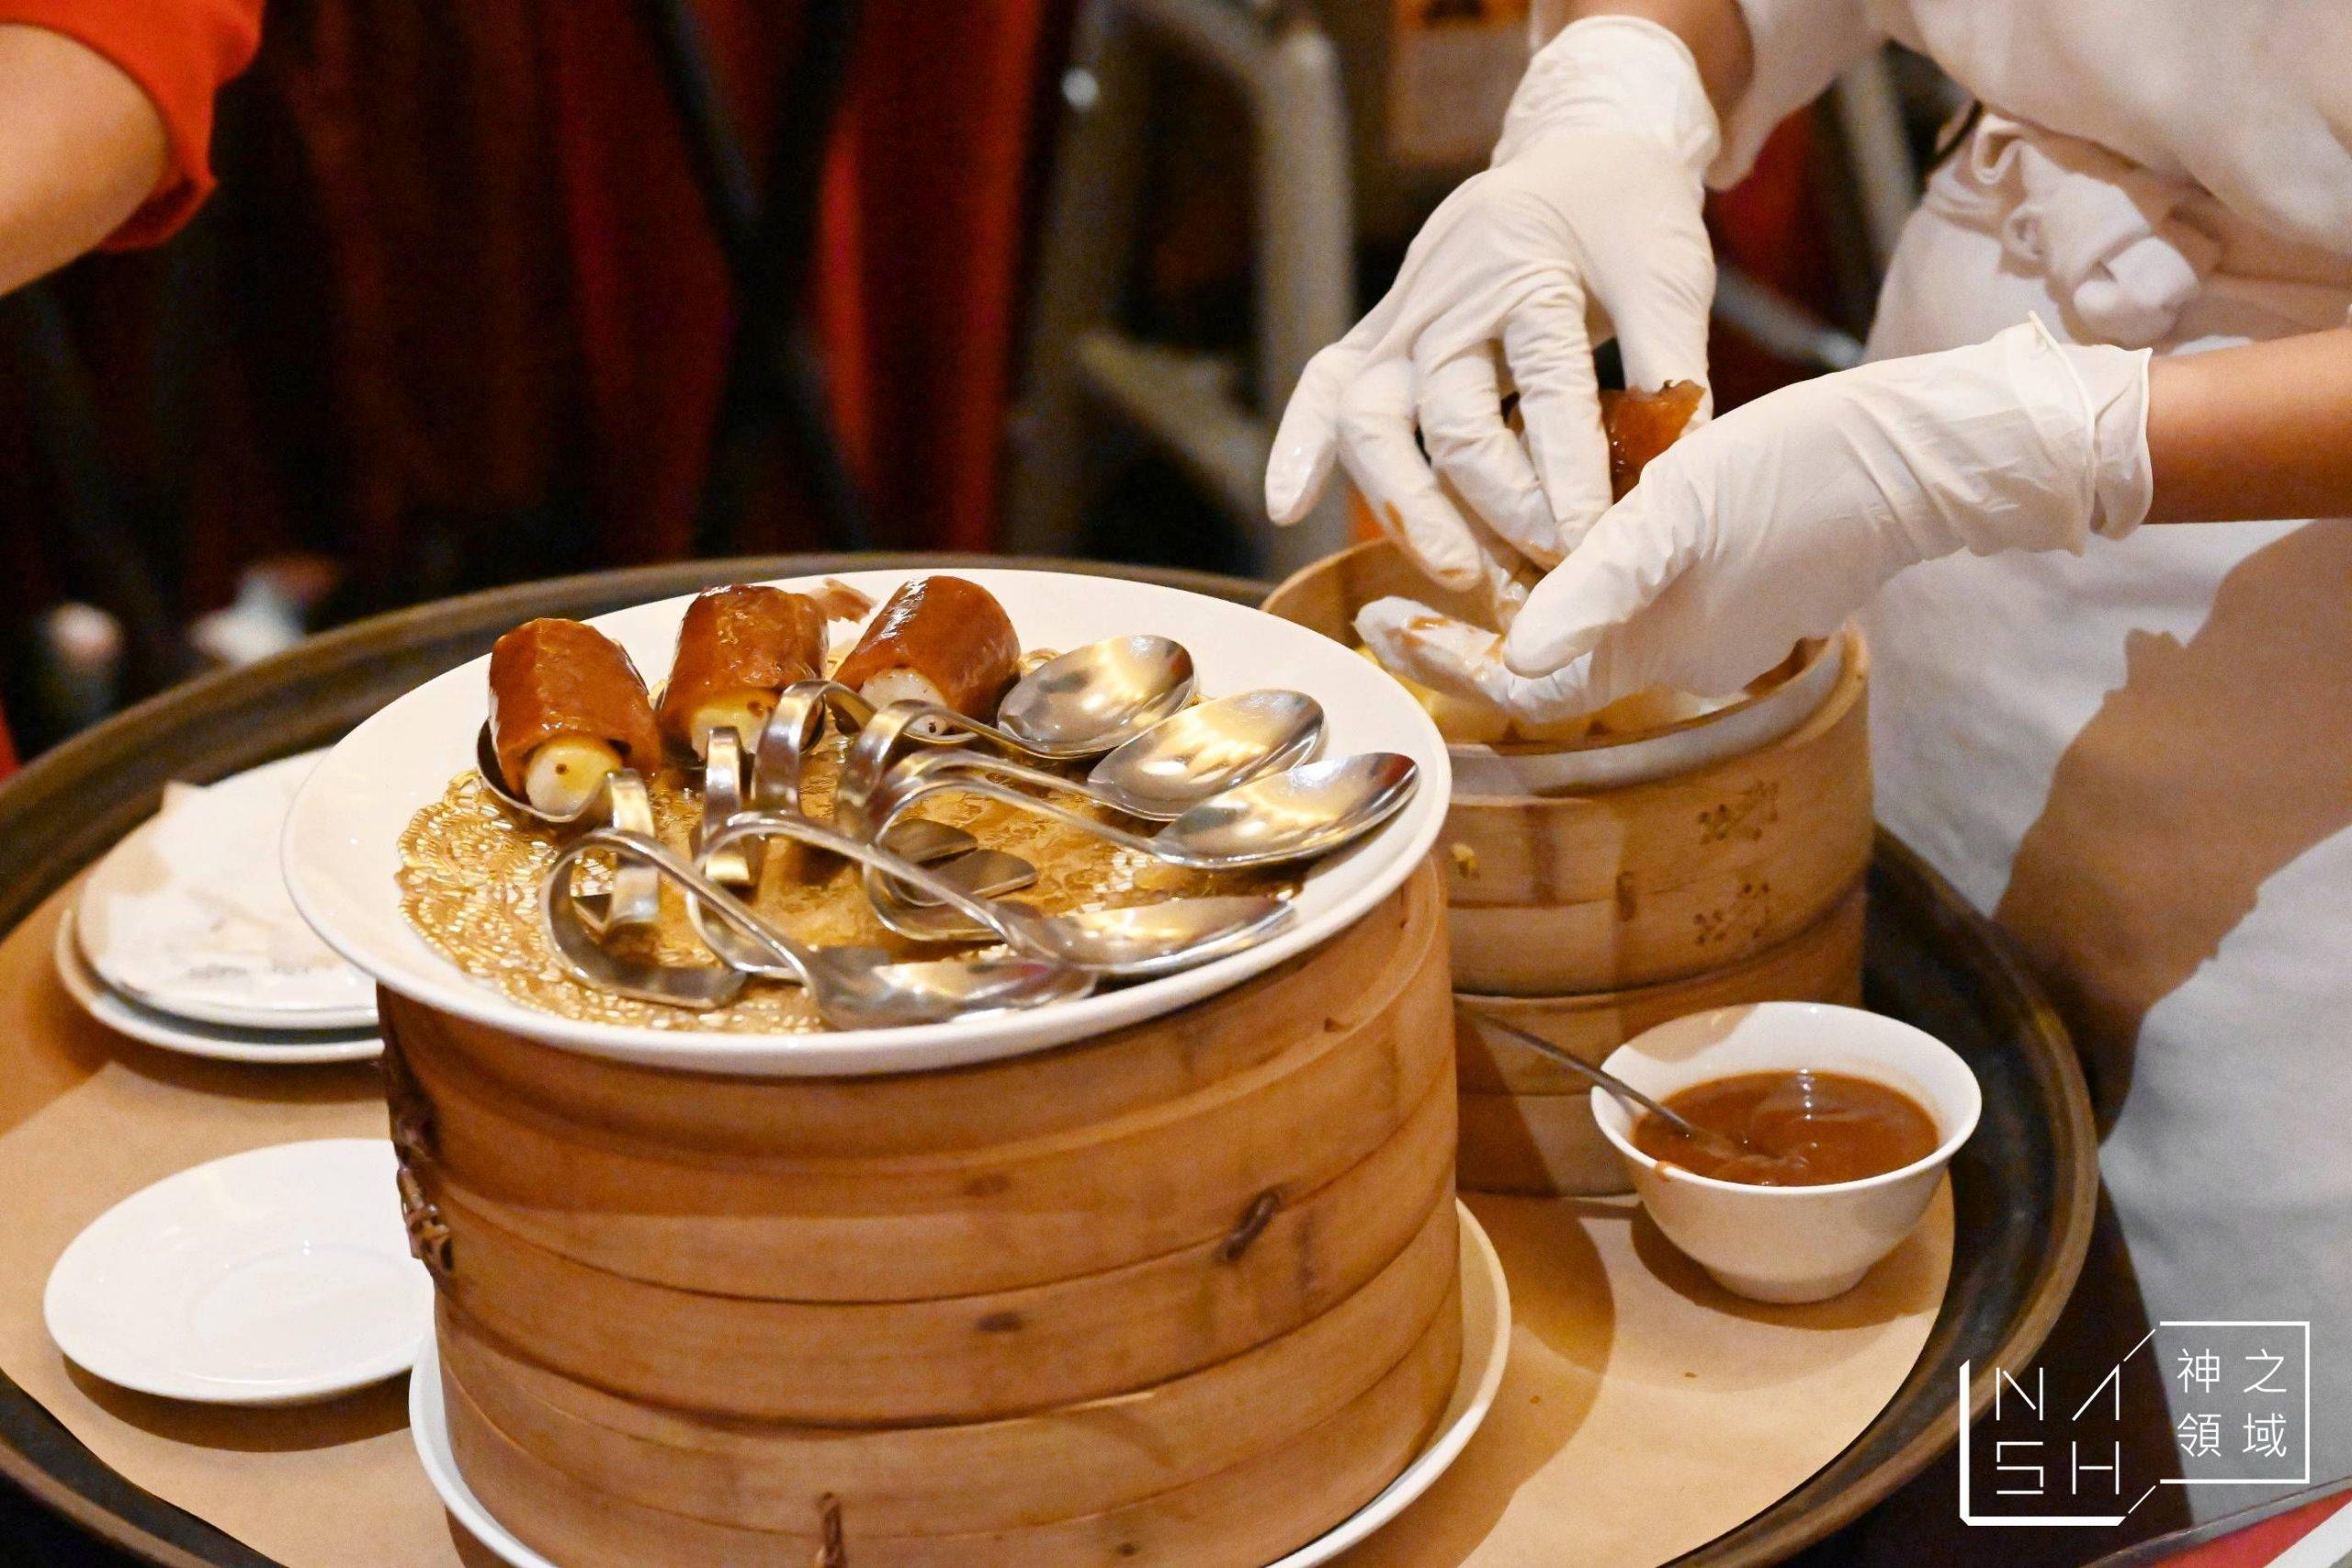 蘭城晶英酒店烤鴨